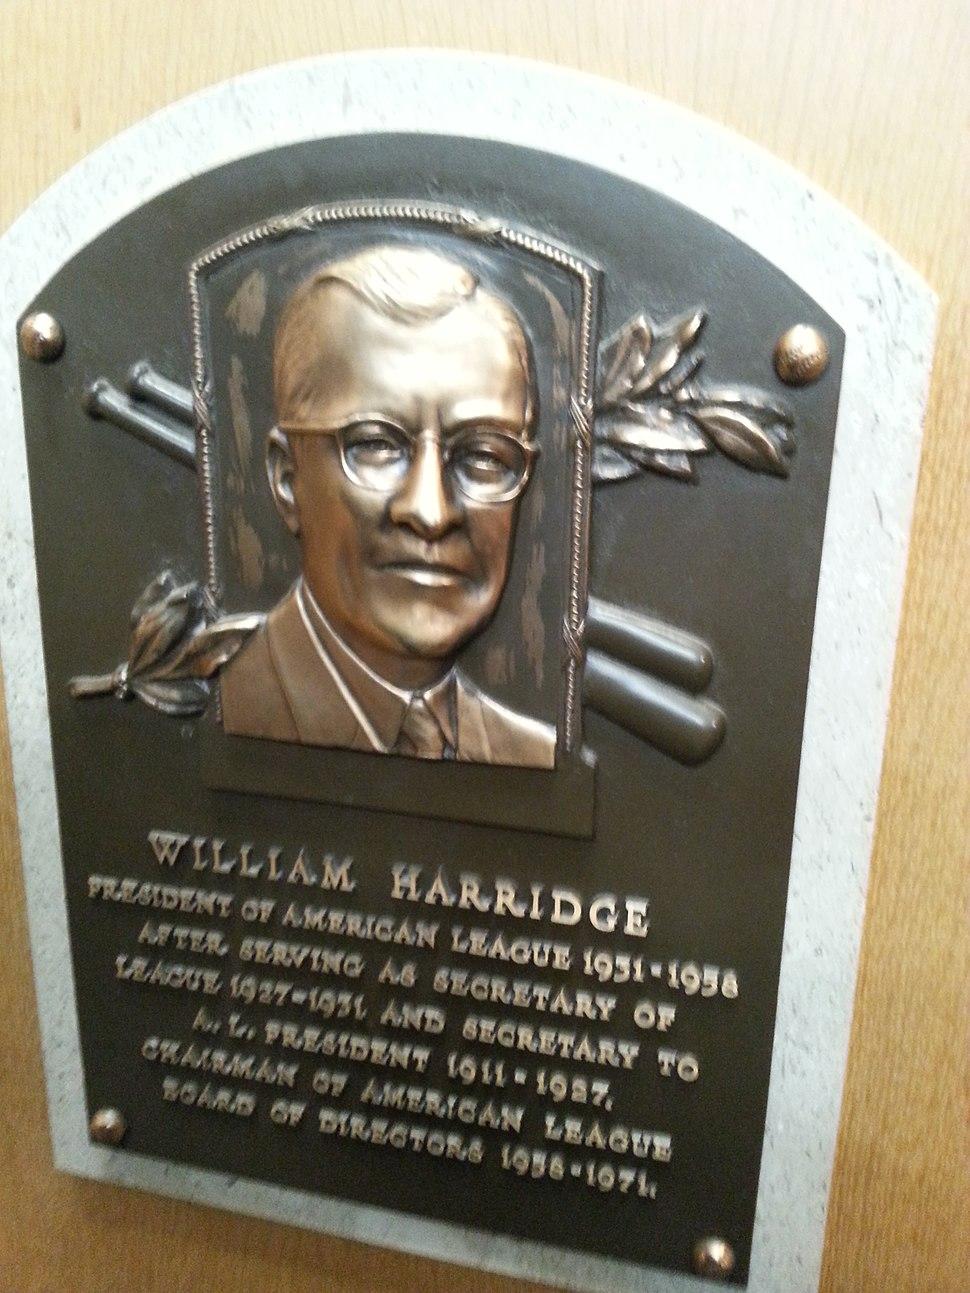 William Harridge plaque HOF